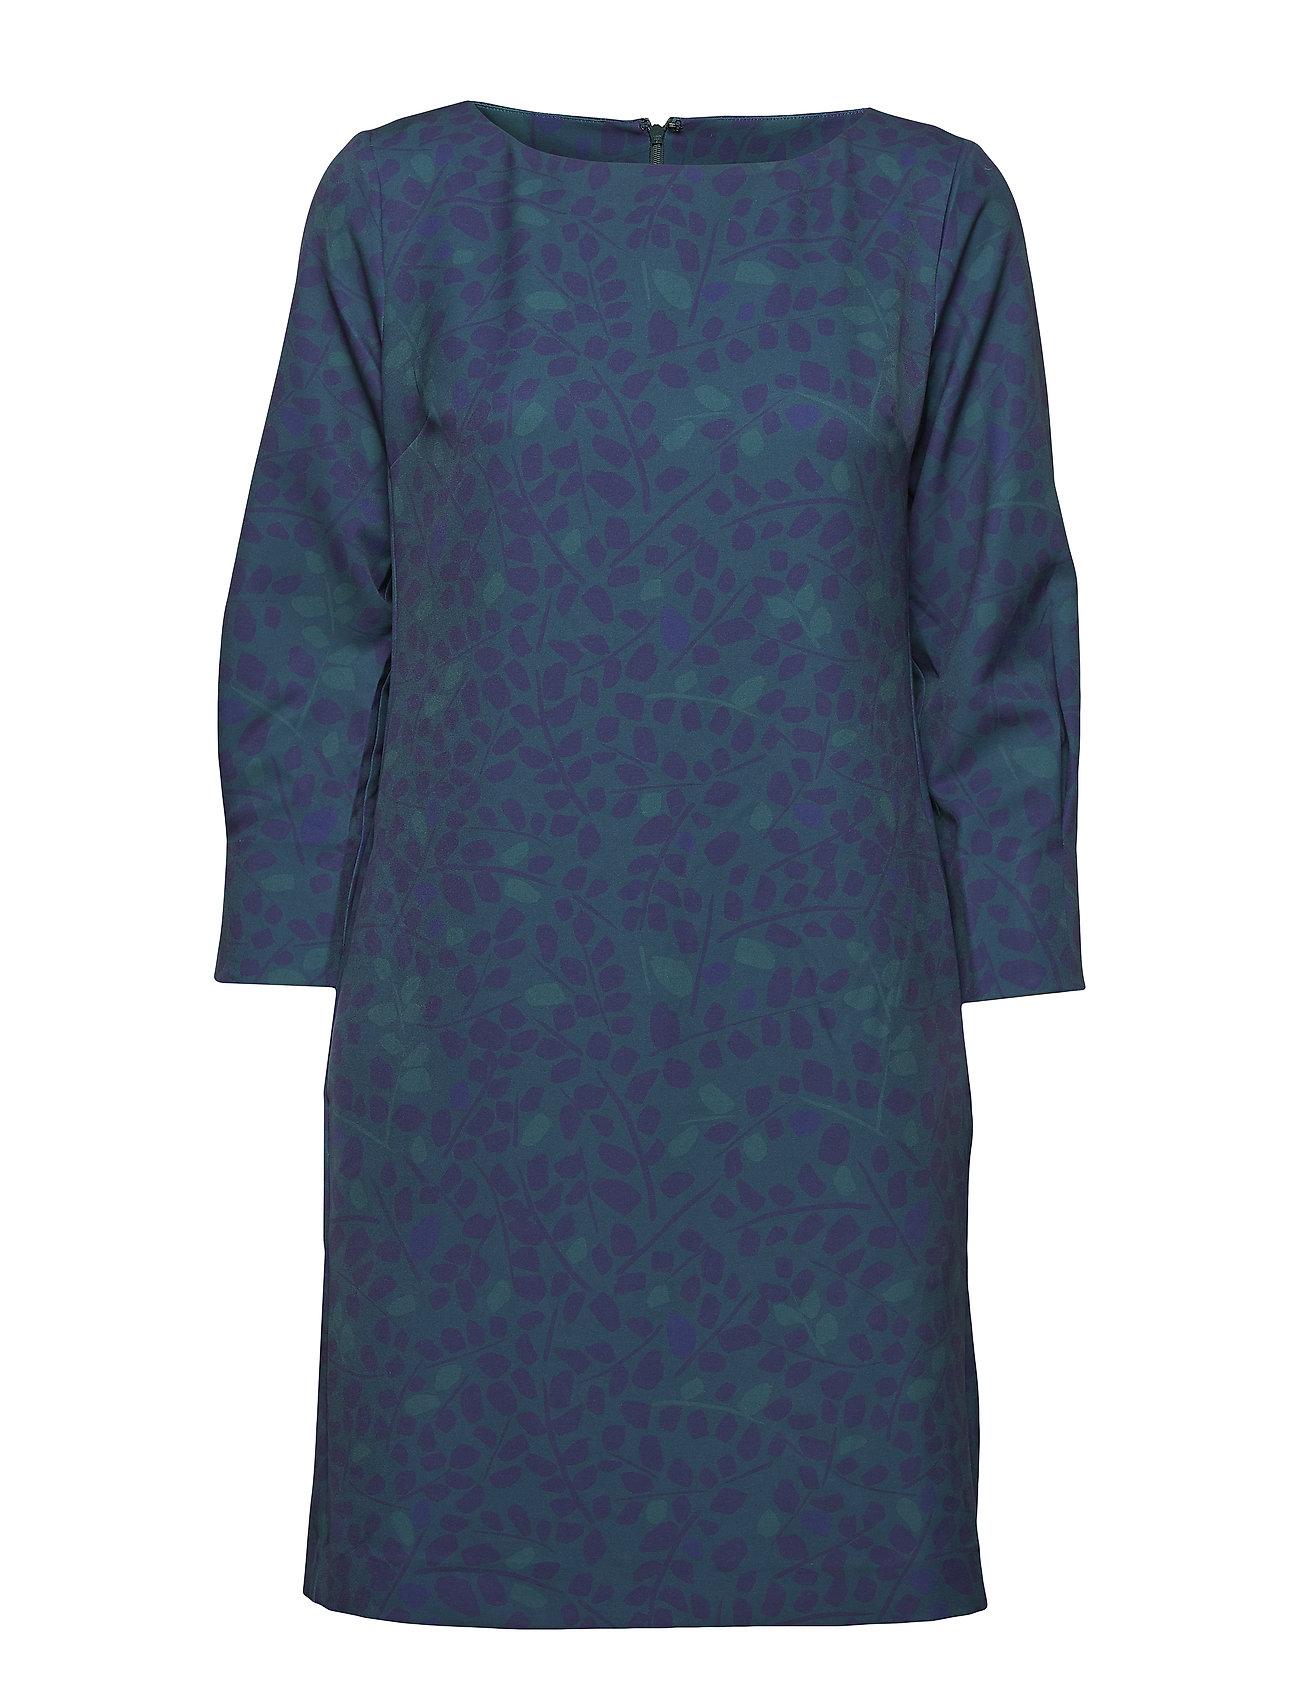 GANT O1.PRINTED SEPTEMBER DRESS